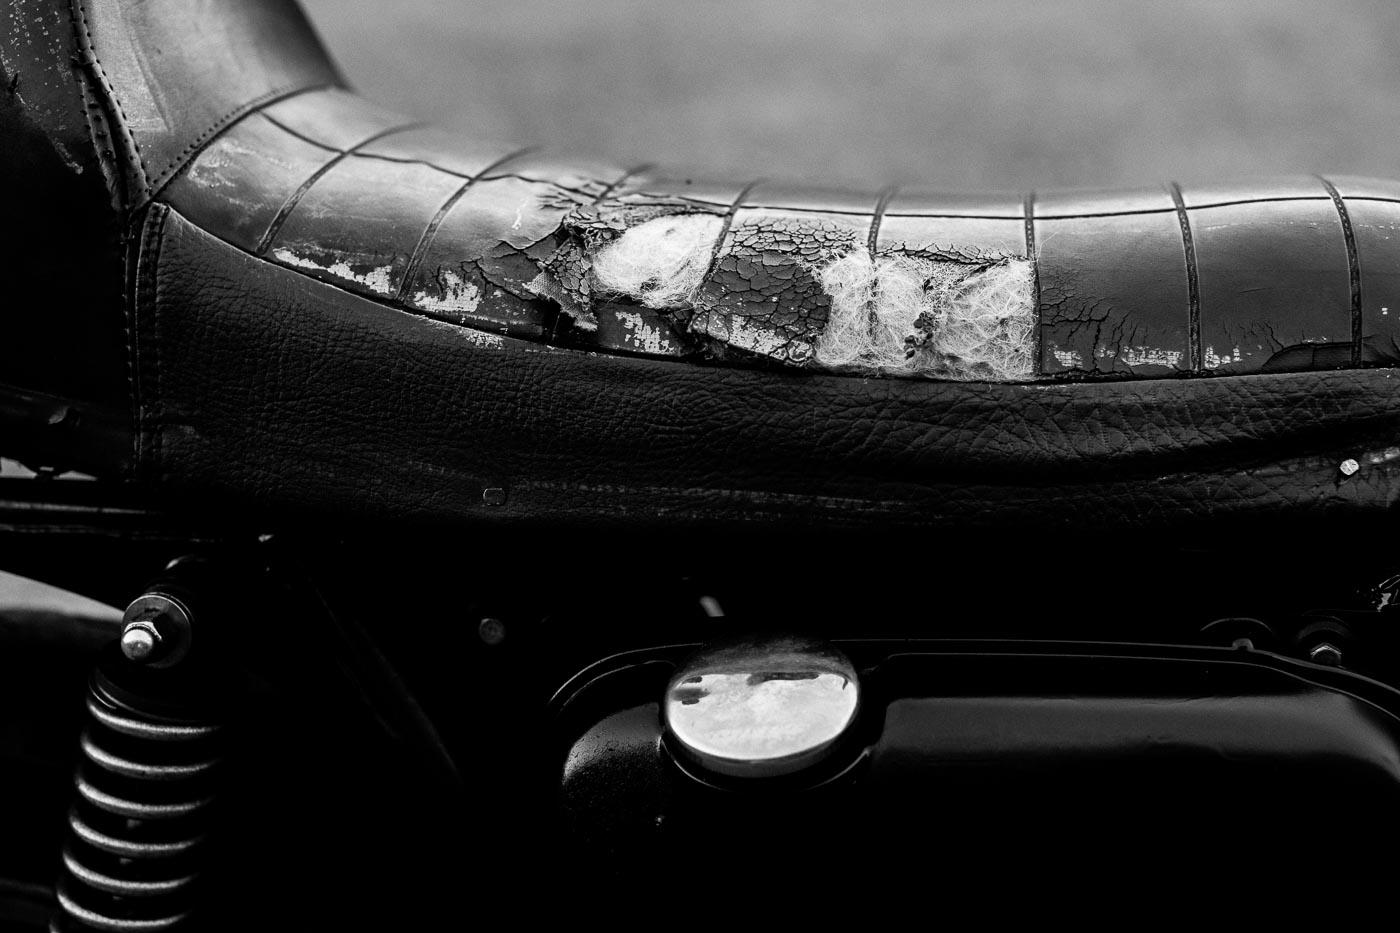 WilkieVintage_Motorcycle_Projects @ Alan Thomas Duncan Wilkie-27.jpg